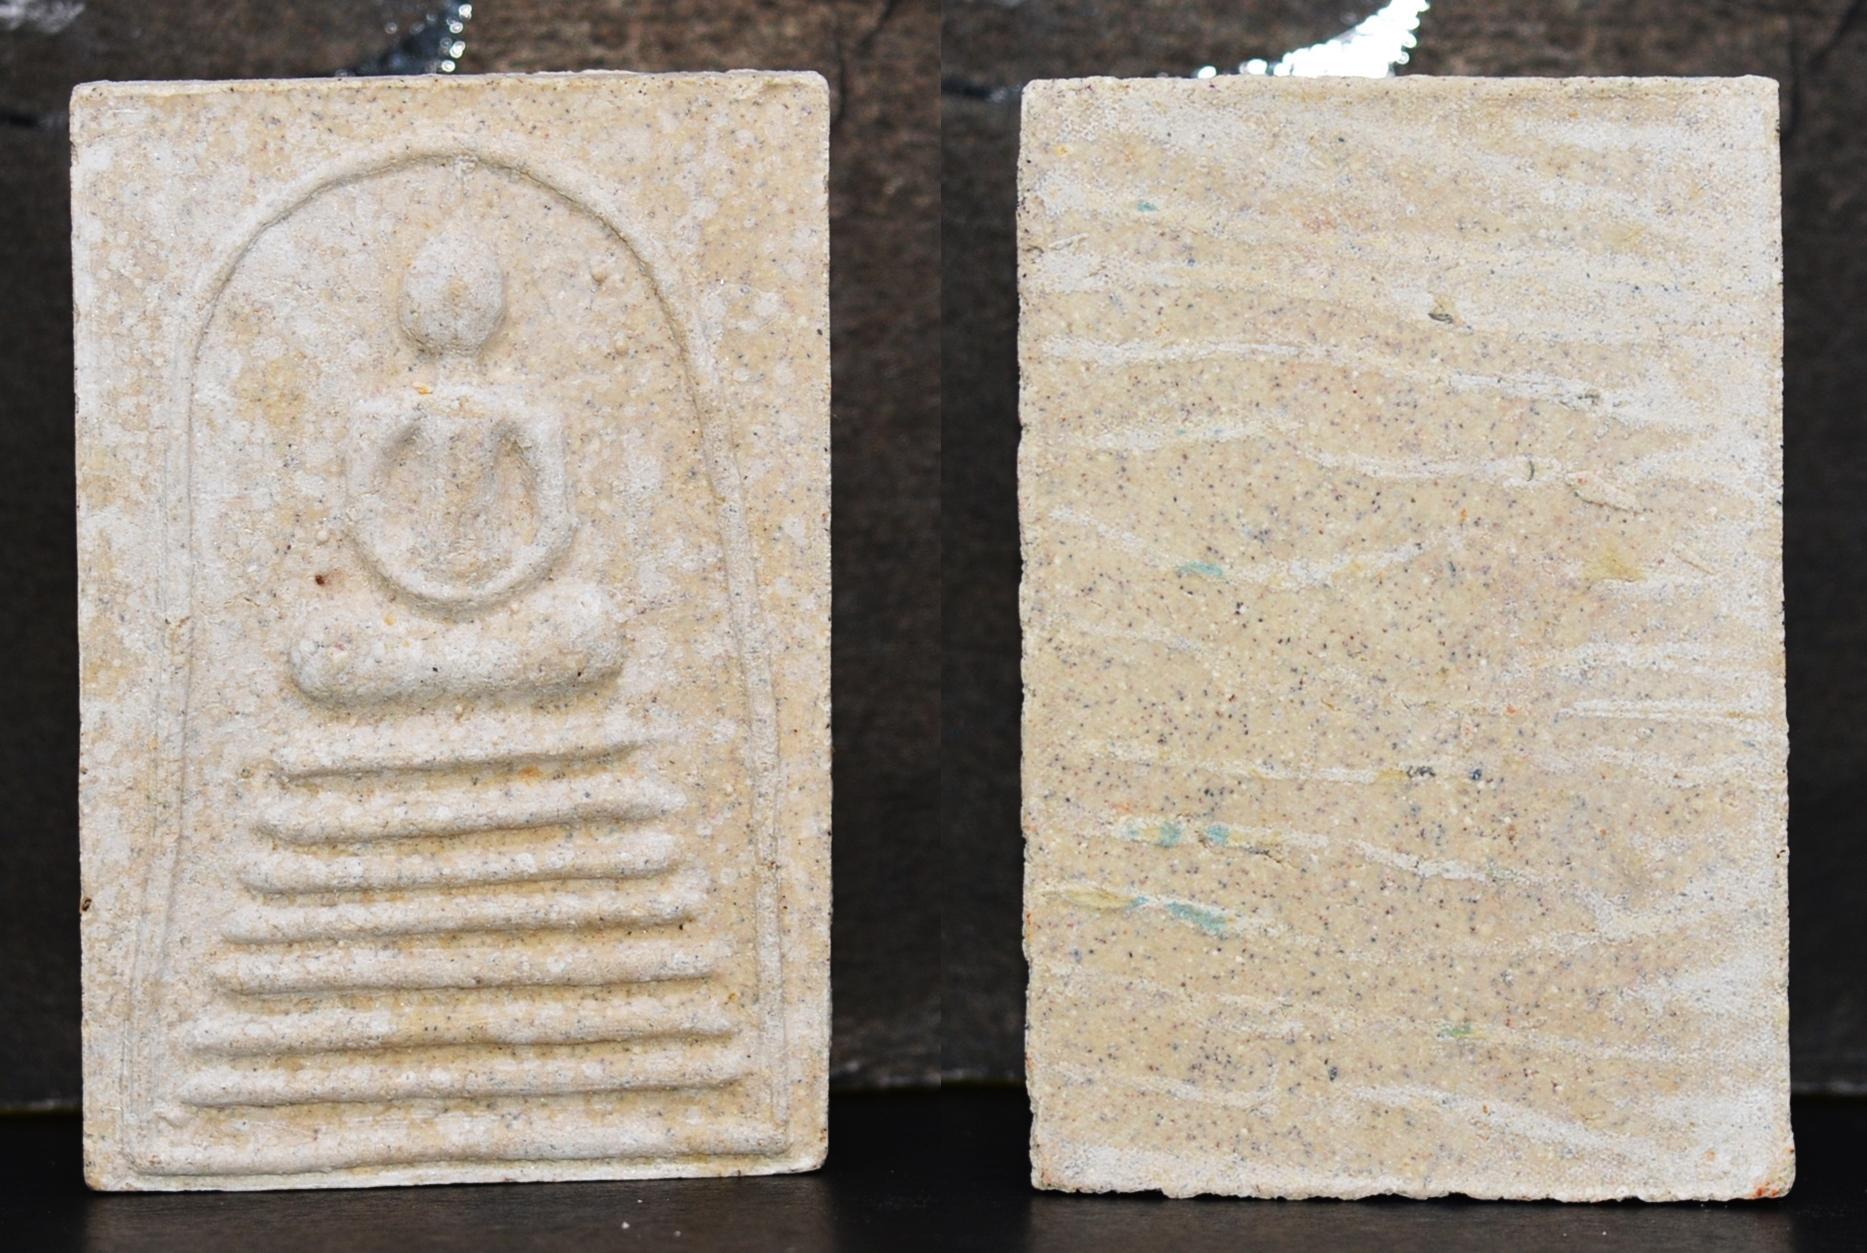 พระสมเด็จ จัมโบ้ หลวงพ่อชำนาญ วัดบางกุฎีทอง ปทุมธานี 2555